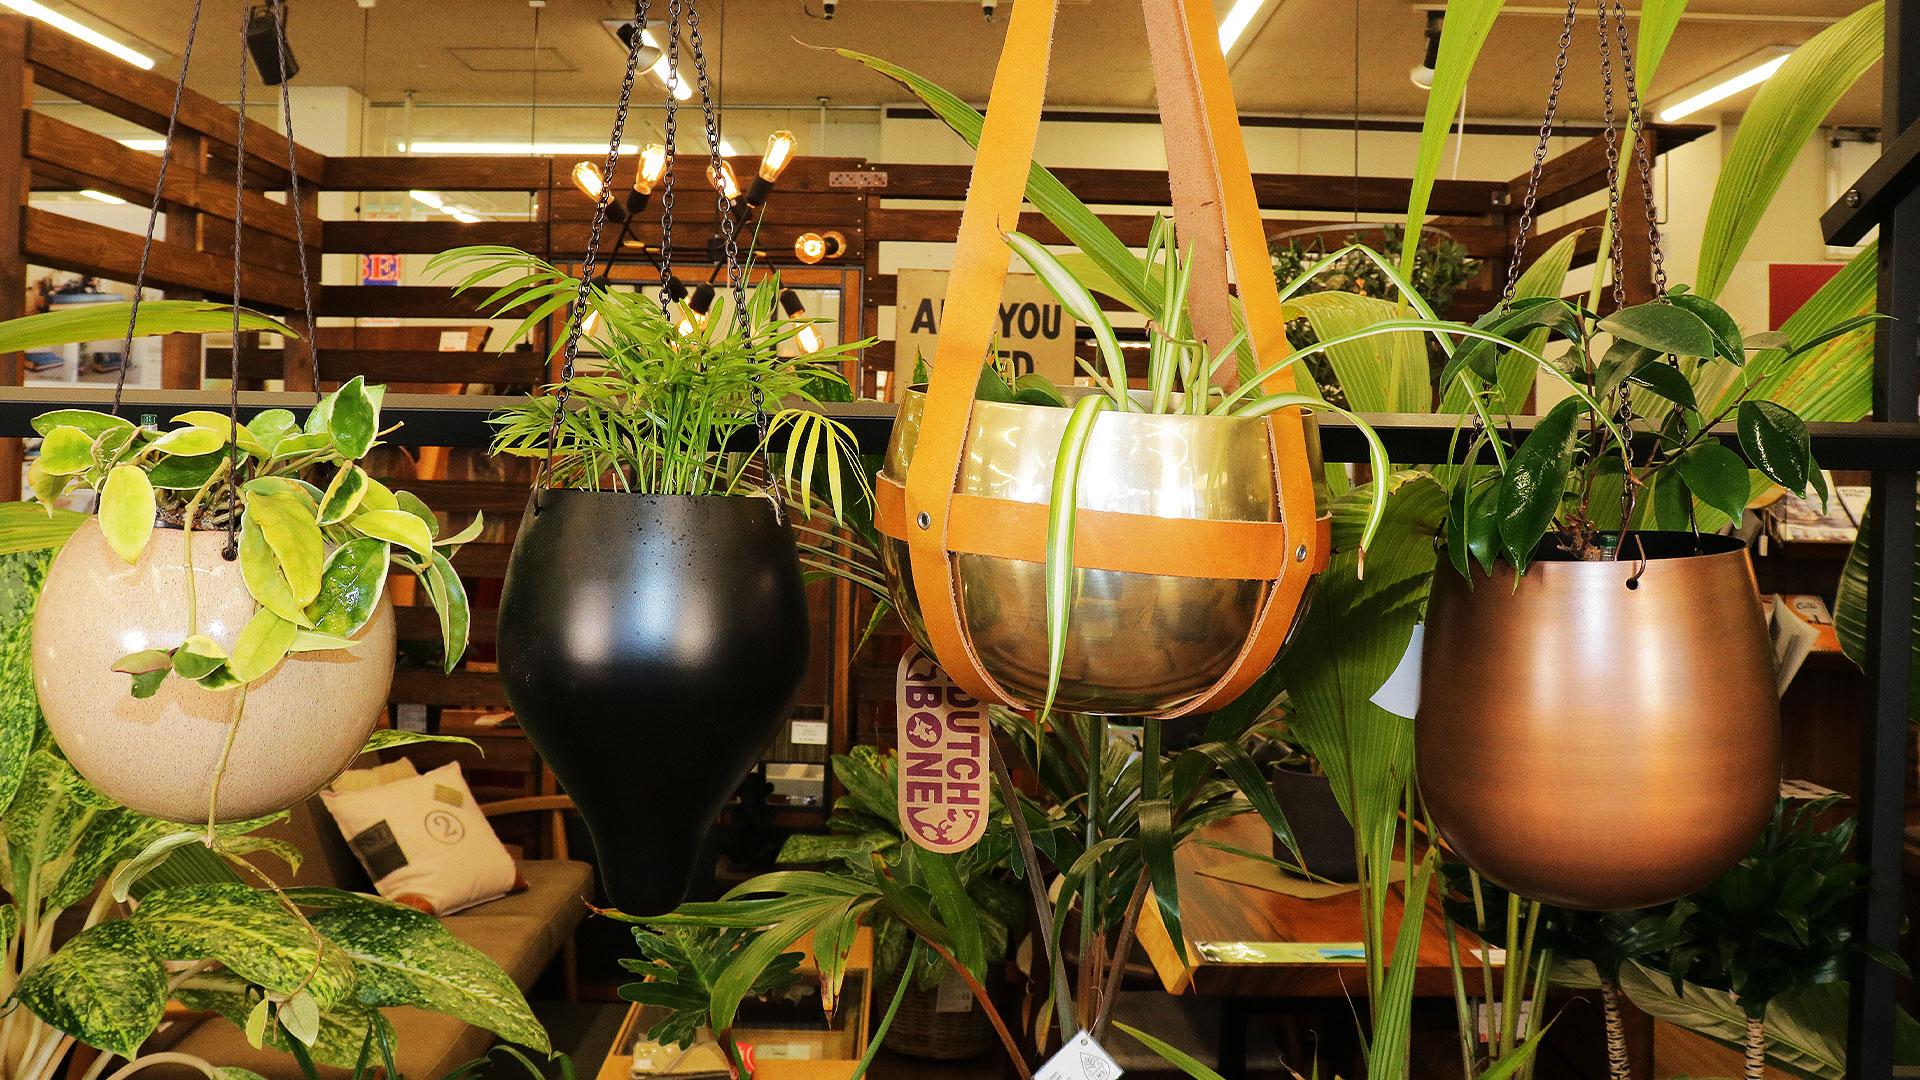 ハイドロカルチャーの吊り下げ用の鉢の色々な種類の画像